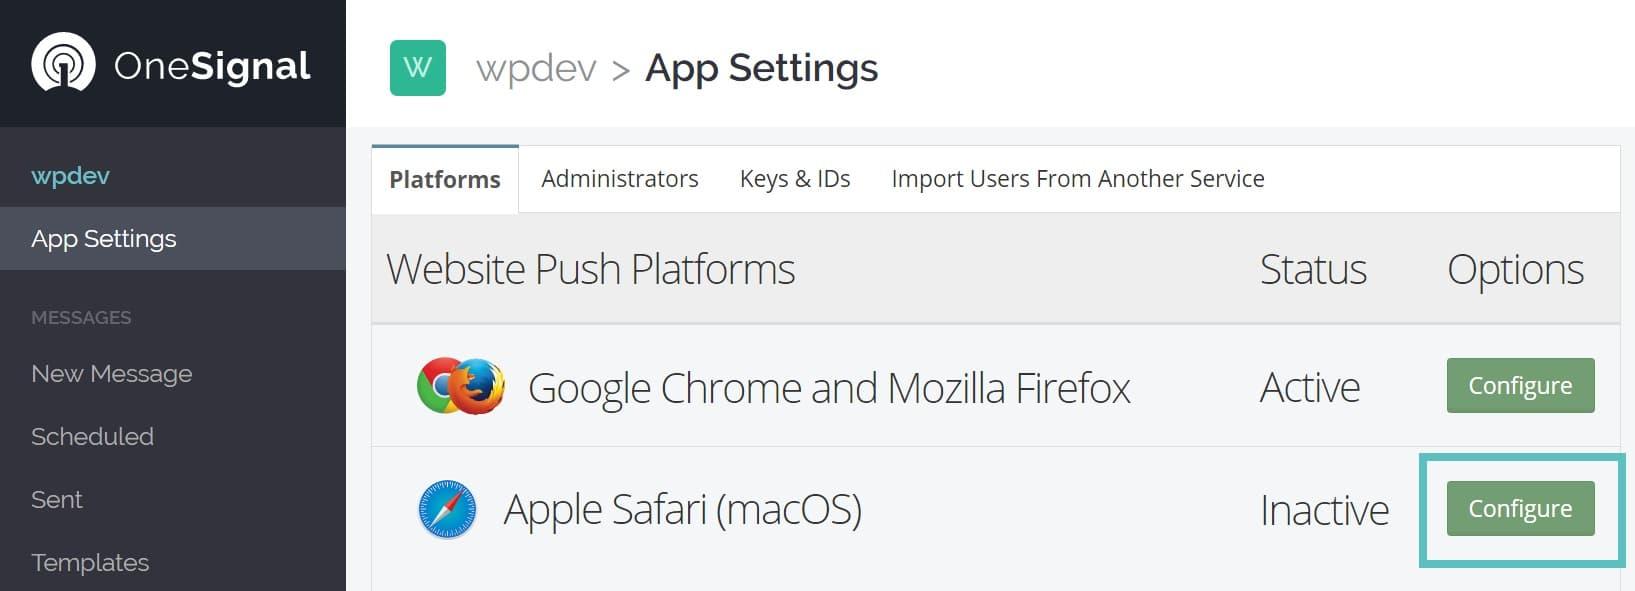 apple safari notificaiones push configuración